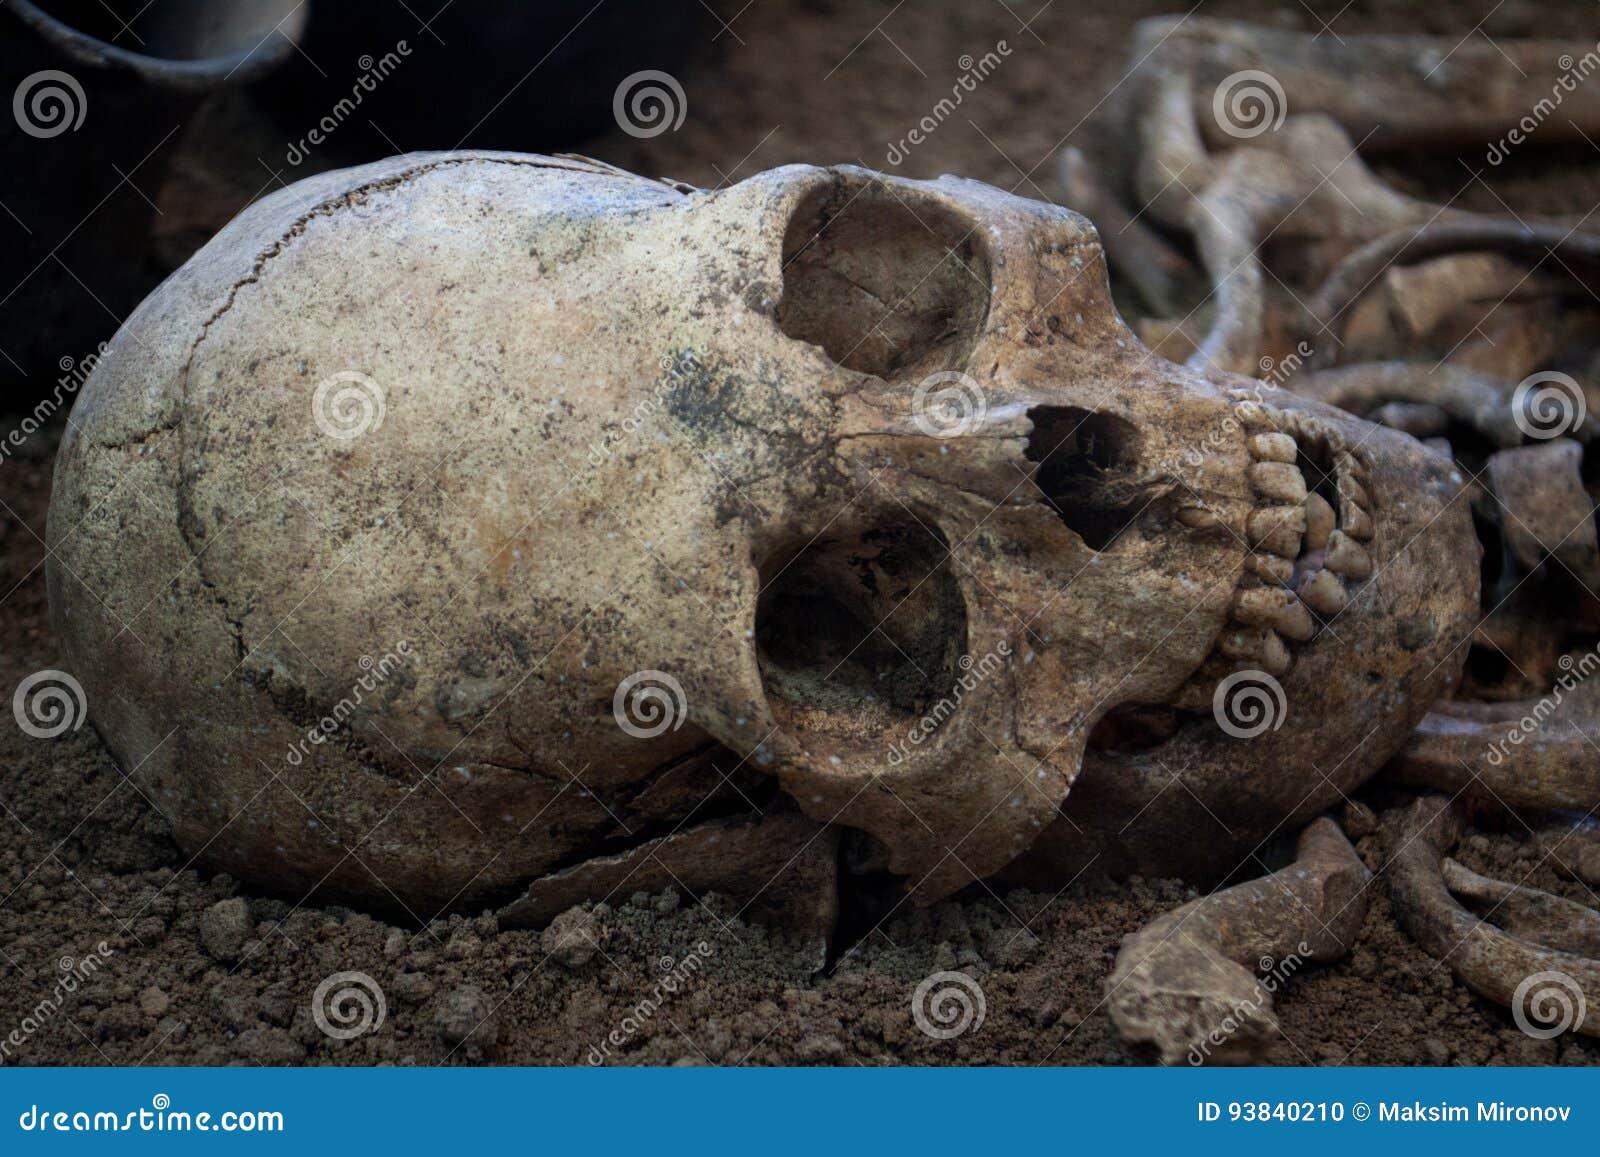 Excavations archéologiques d un squelette humain antique et d un crâne humain